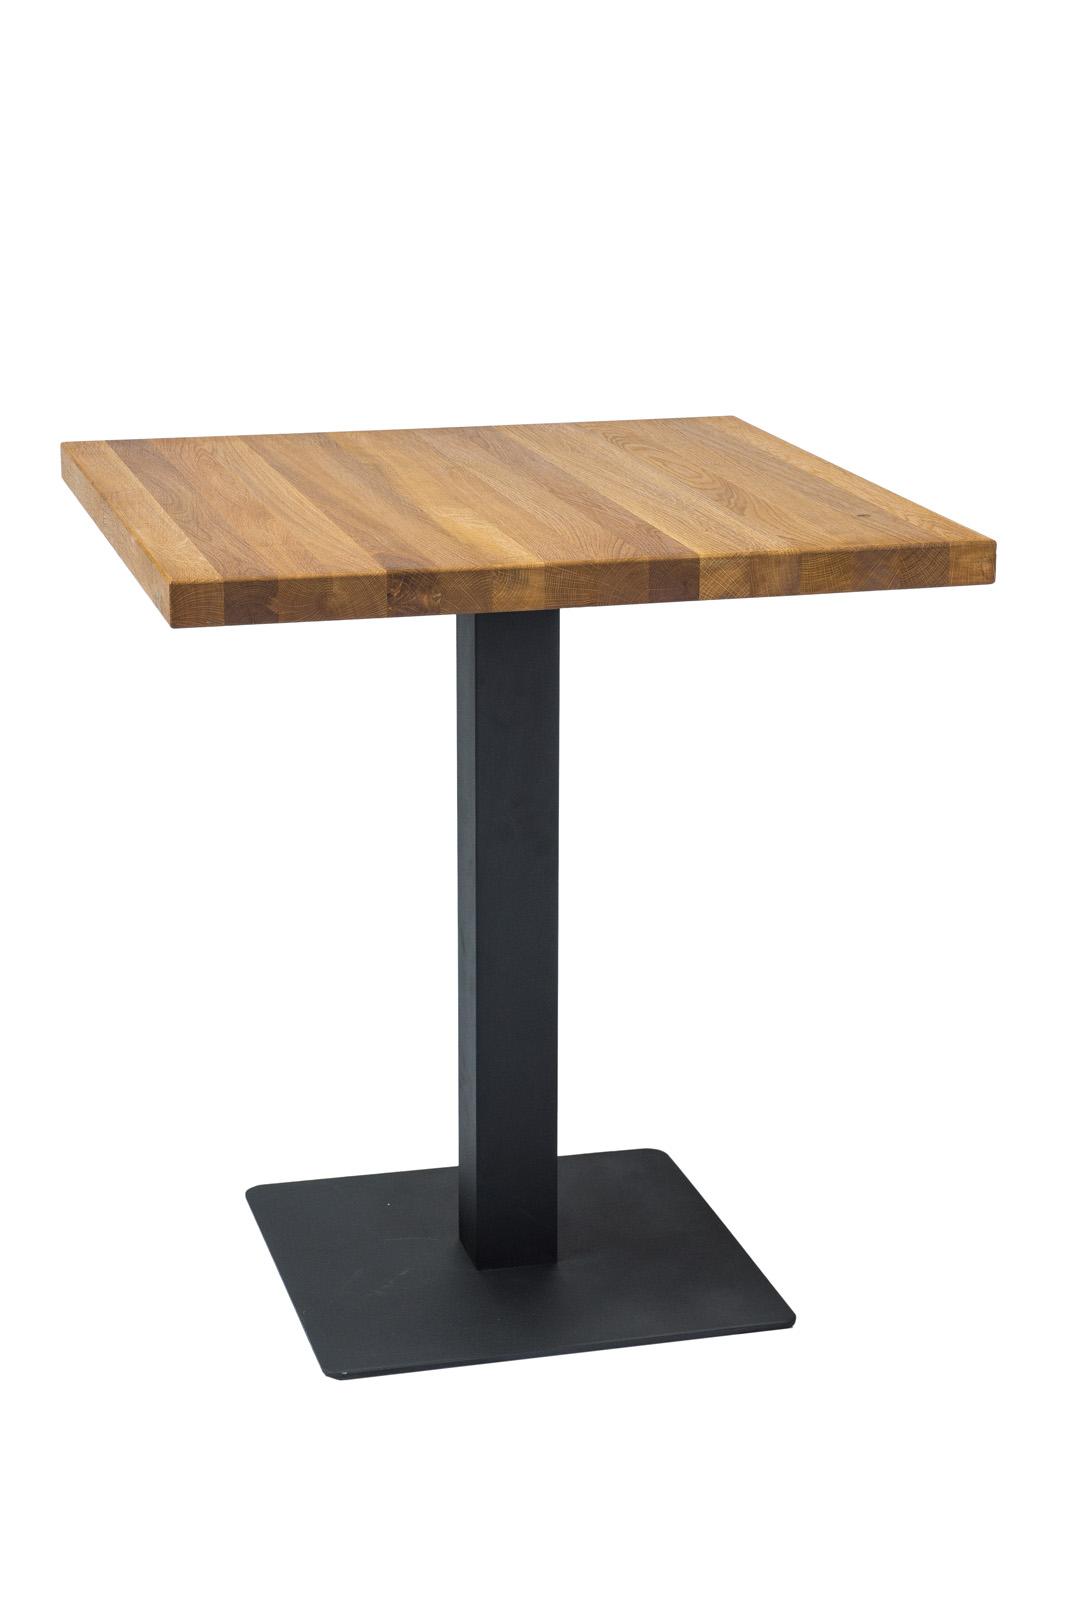 Signal Jedálenský stôl Puro / Dubová dýha Prevedenie: 76 x 70 x 70 cm